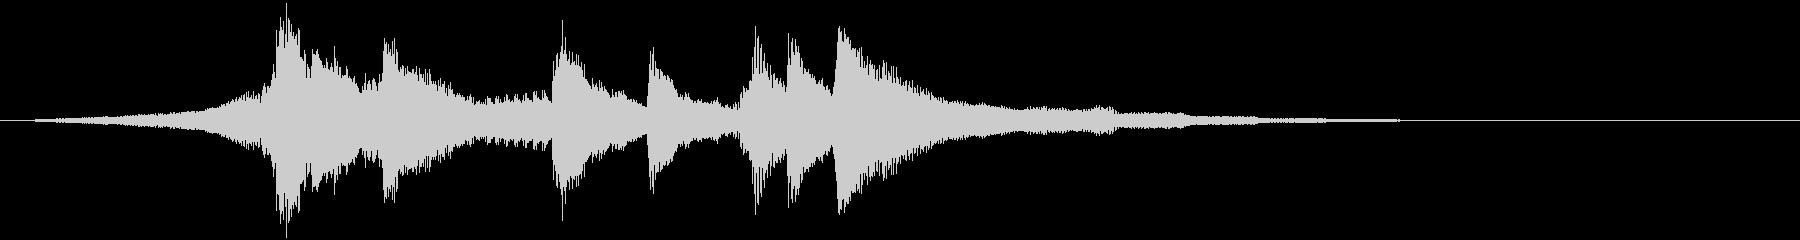 浮遊感のあるピアノのフレーズのジングルの未再生の波形